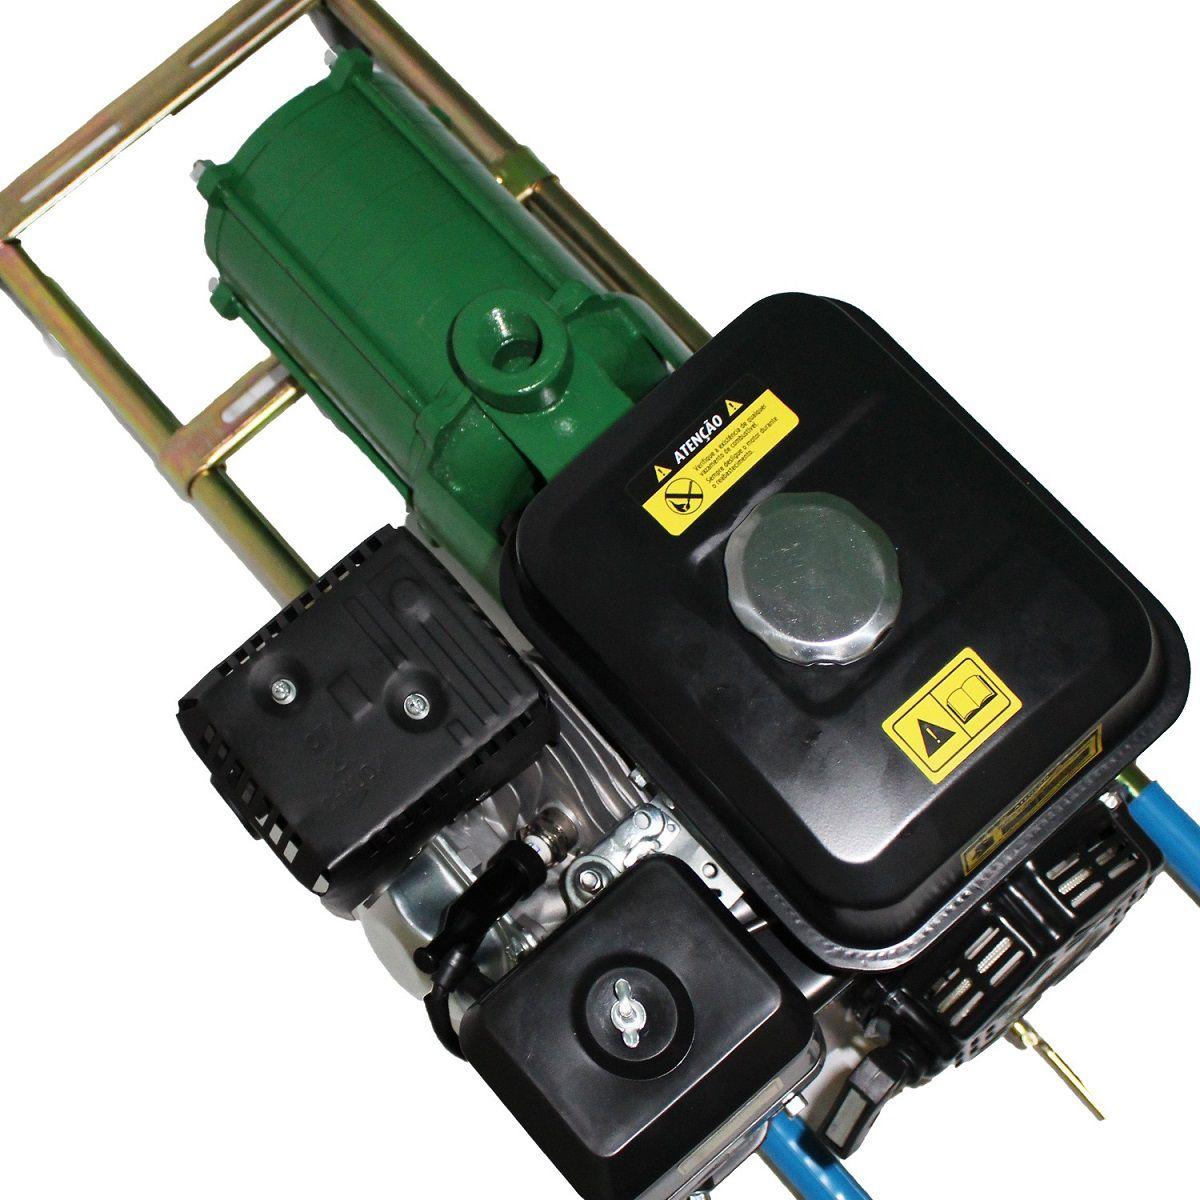 Motoboma 6 Estagios Irrigação Alta Pressão 7.0hp Cv Gasolina